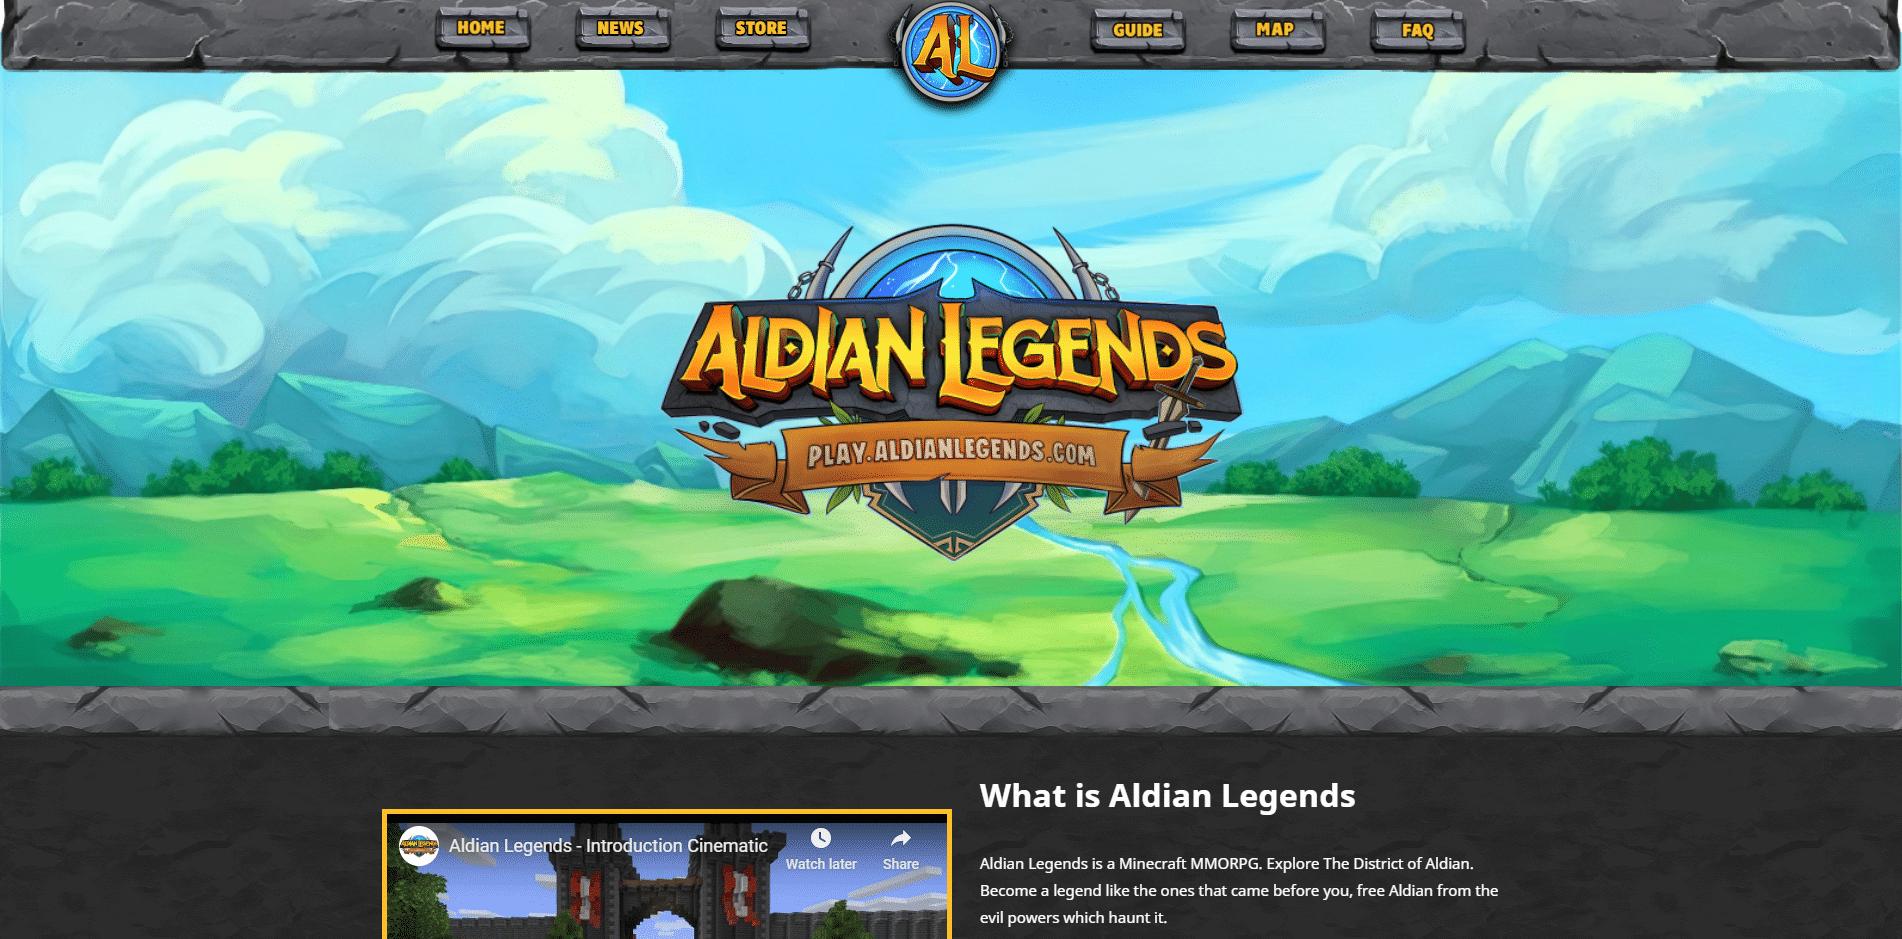 Website Release